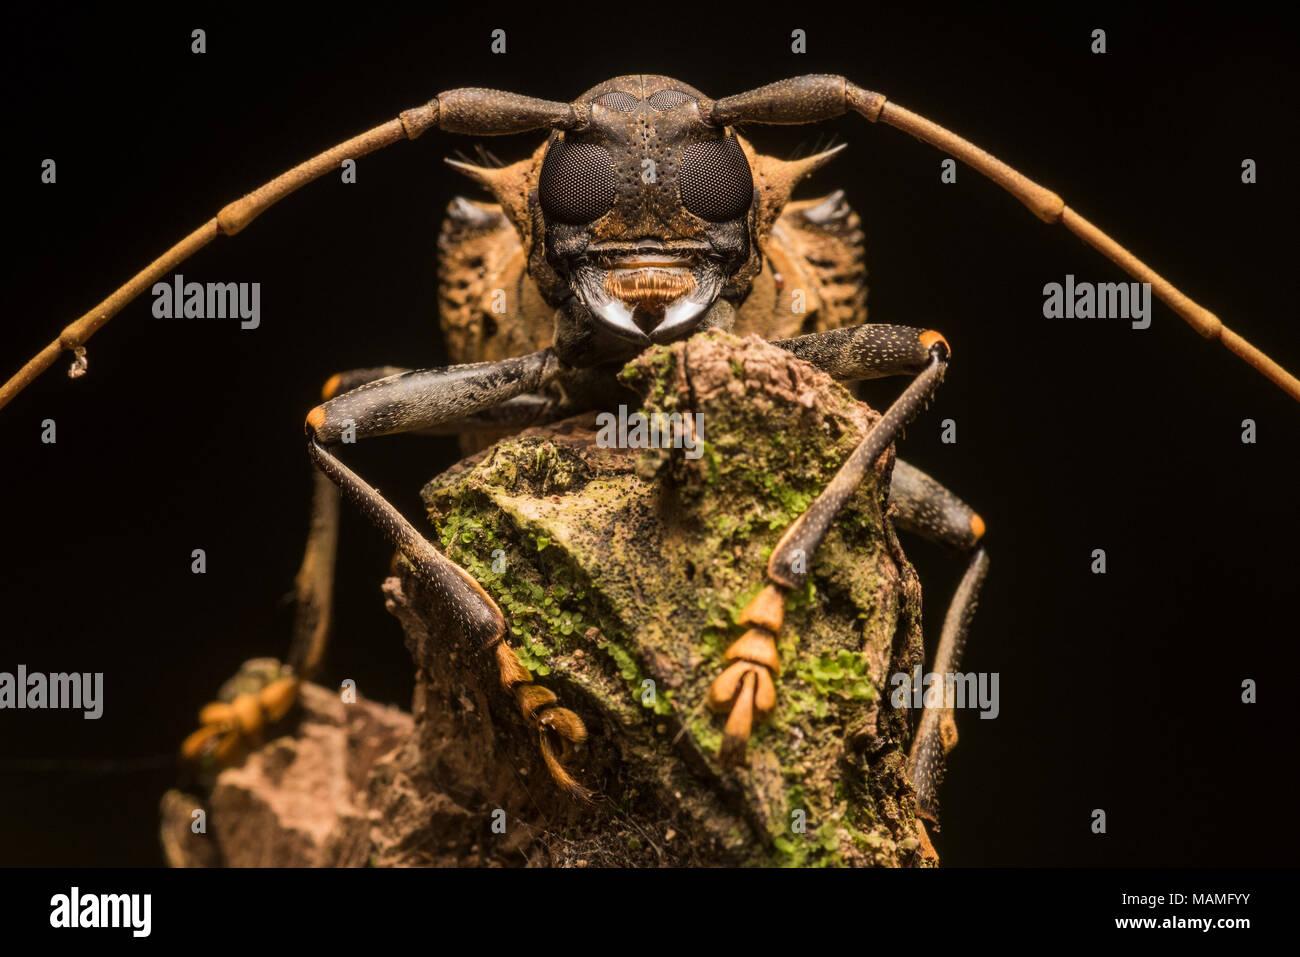 Un scarabée tropical portrait de la jungle péruvienne près de Tarapoto, un coléoptère impressionnant d'autant plus lorsque vu de près. Photo Stock